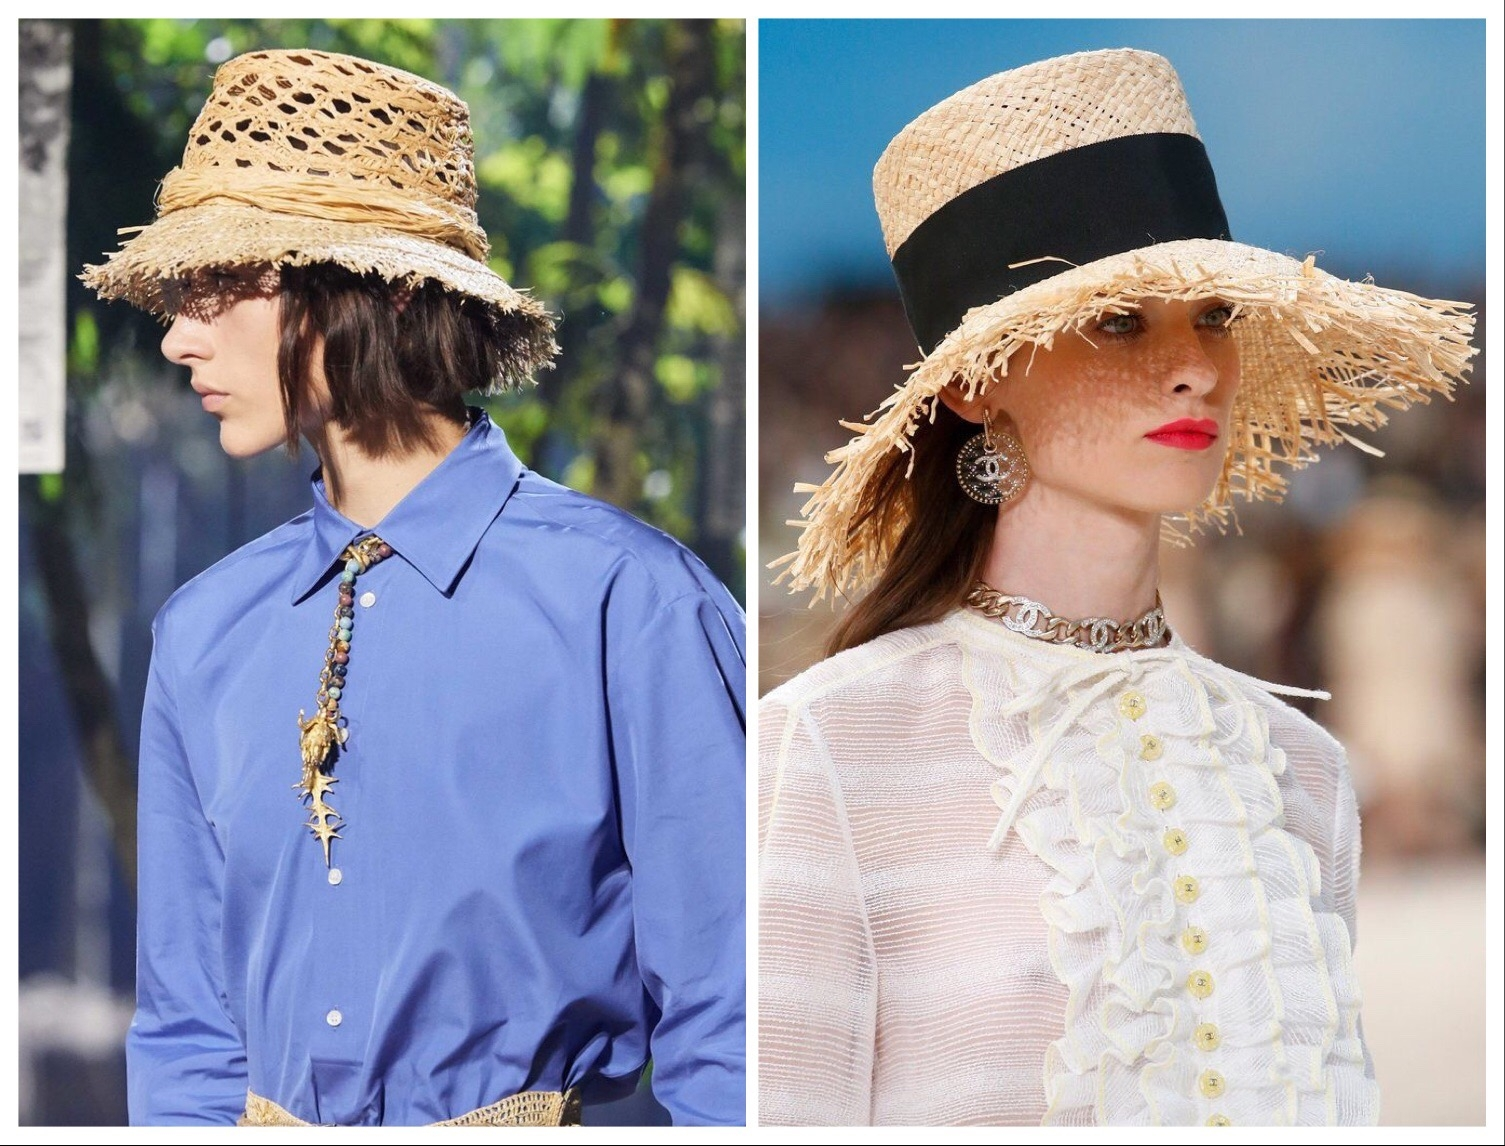 Самые модные головные уборы 2020 года (ФОТО) - фото №5